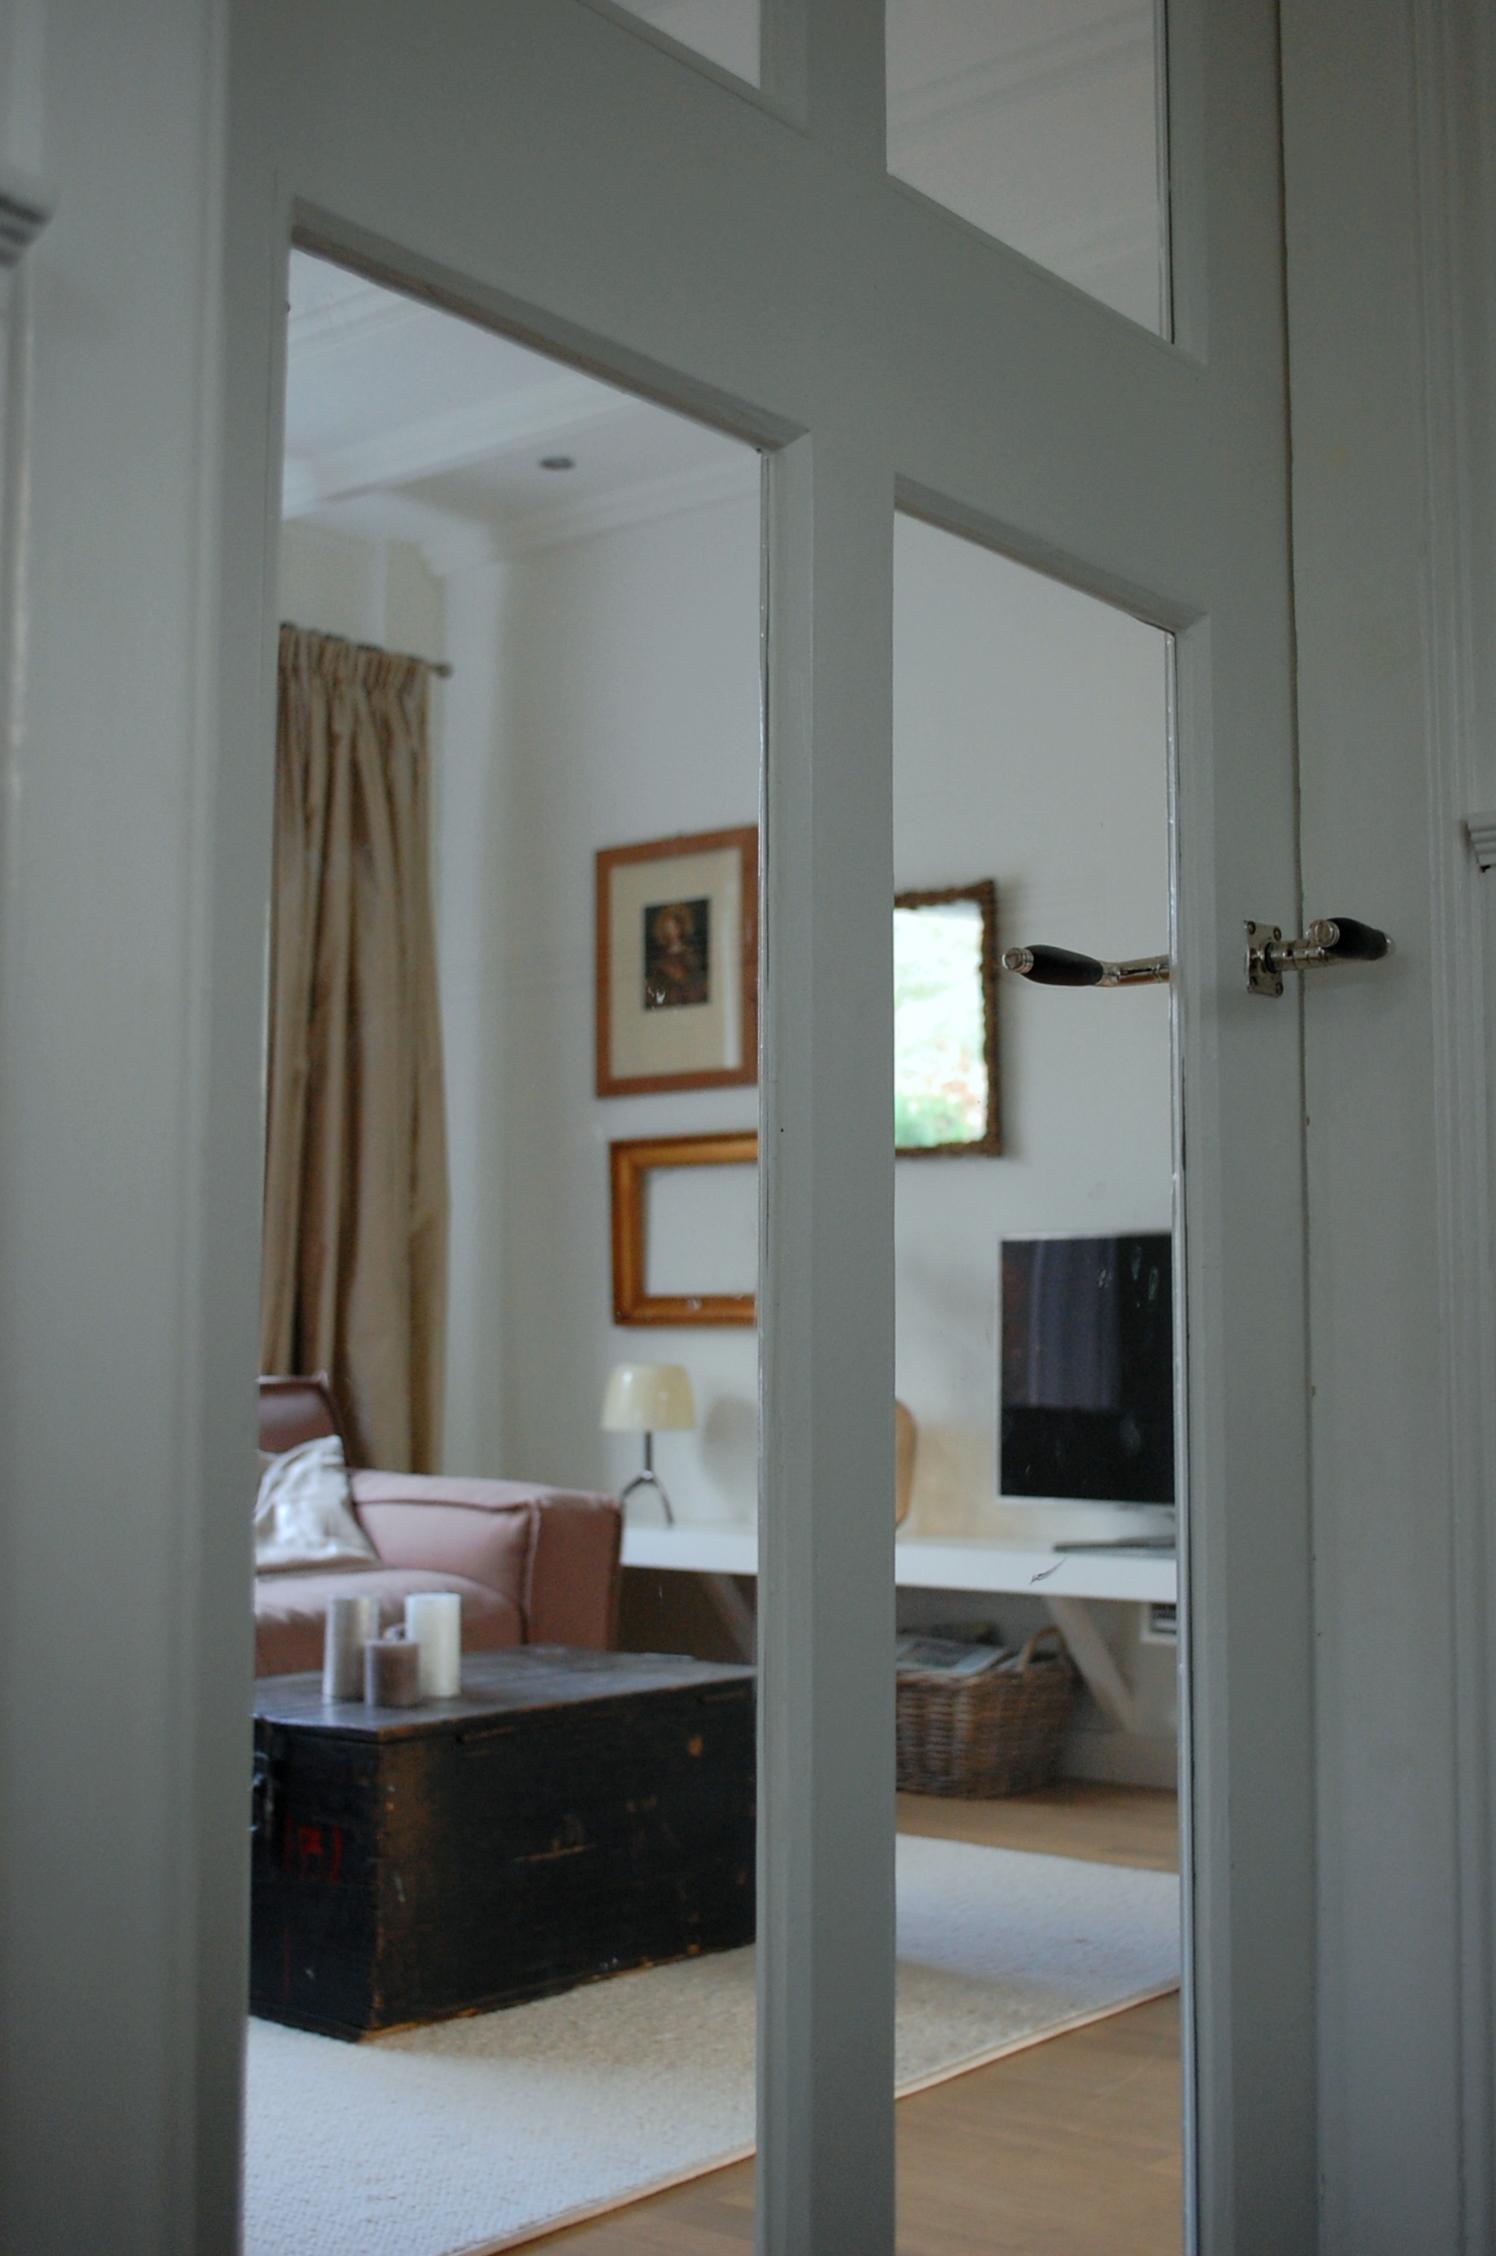 Slaapkamer kleur benadrukken gehoor geven aan uw huis - Tiener slaapkamer kleur ...